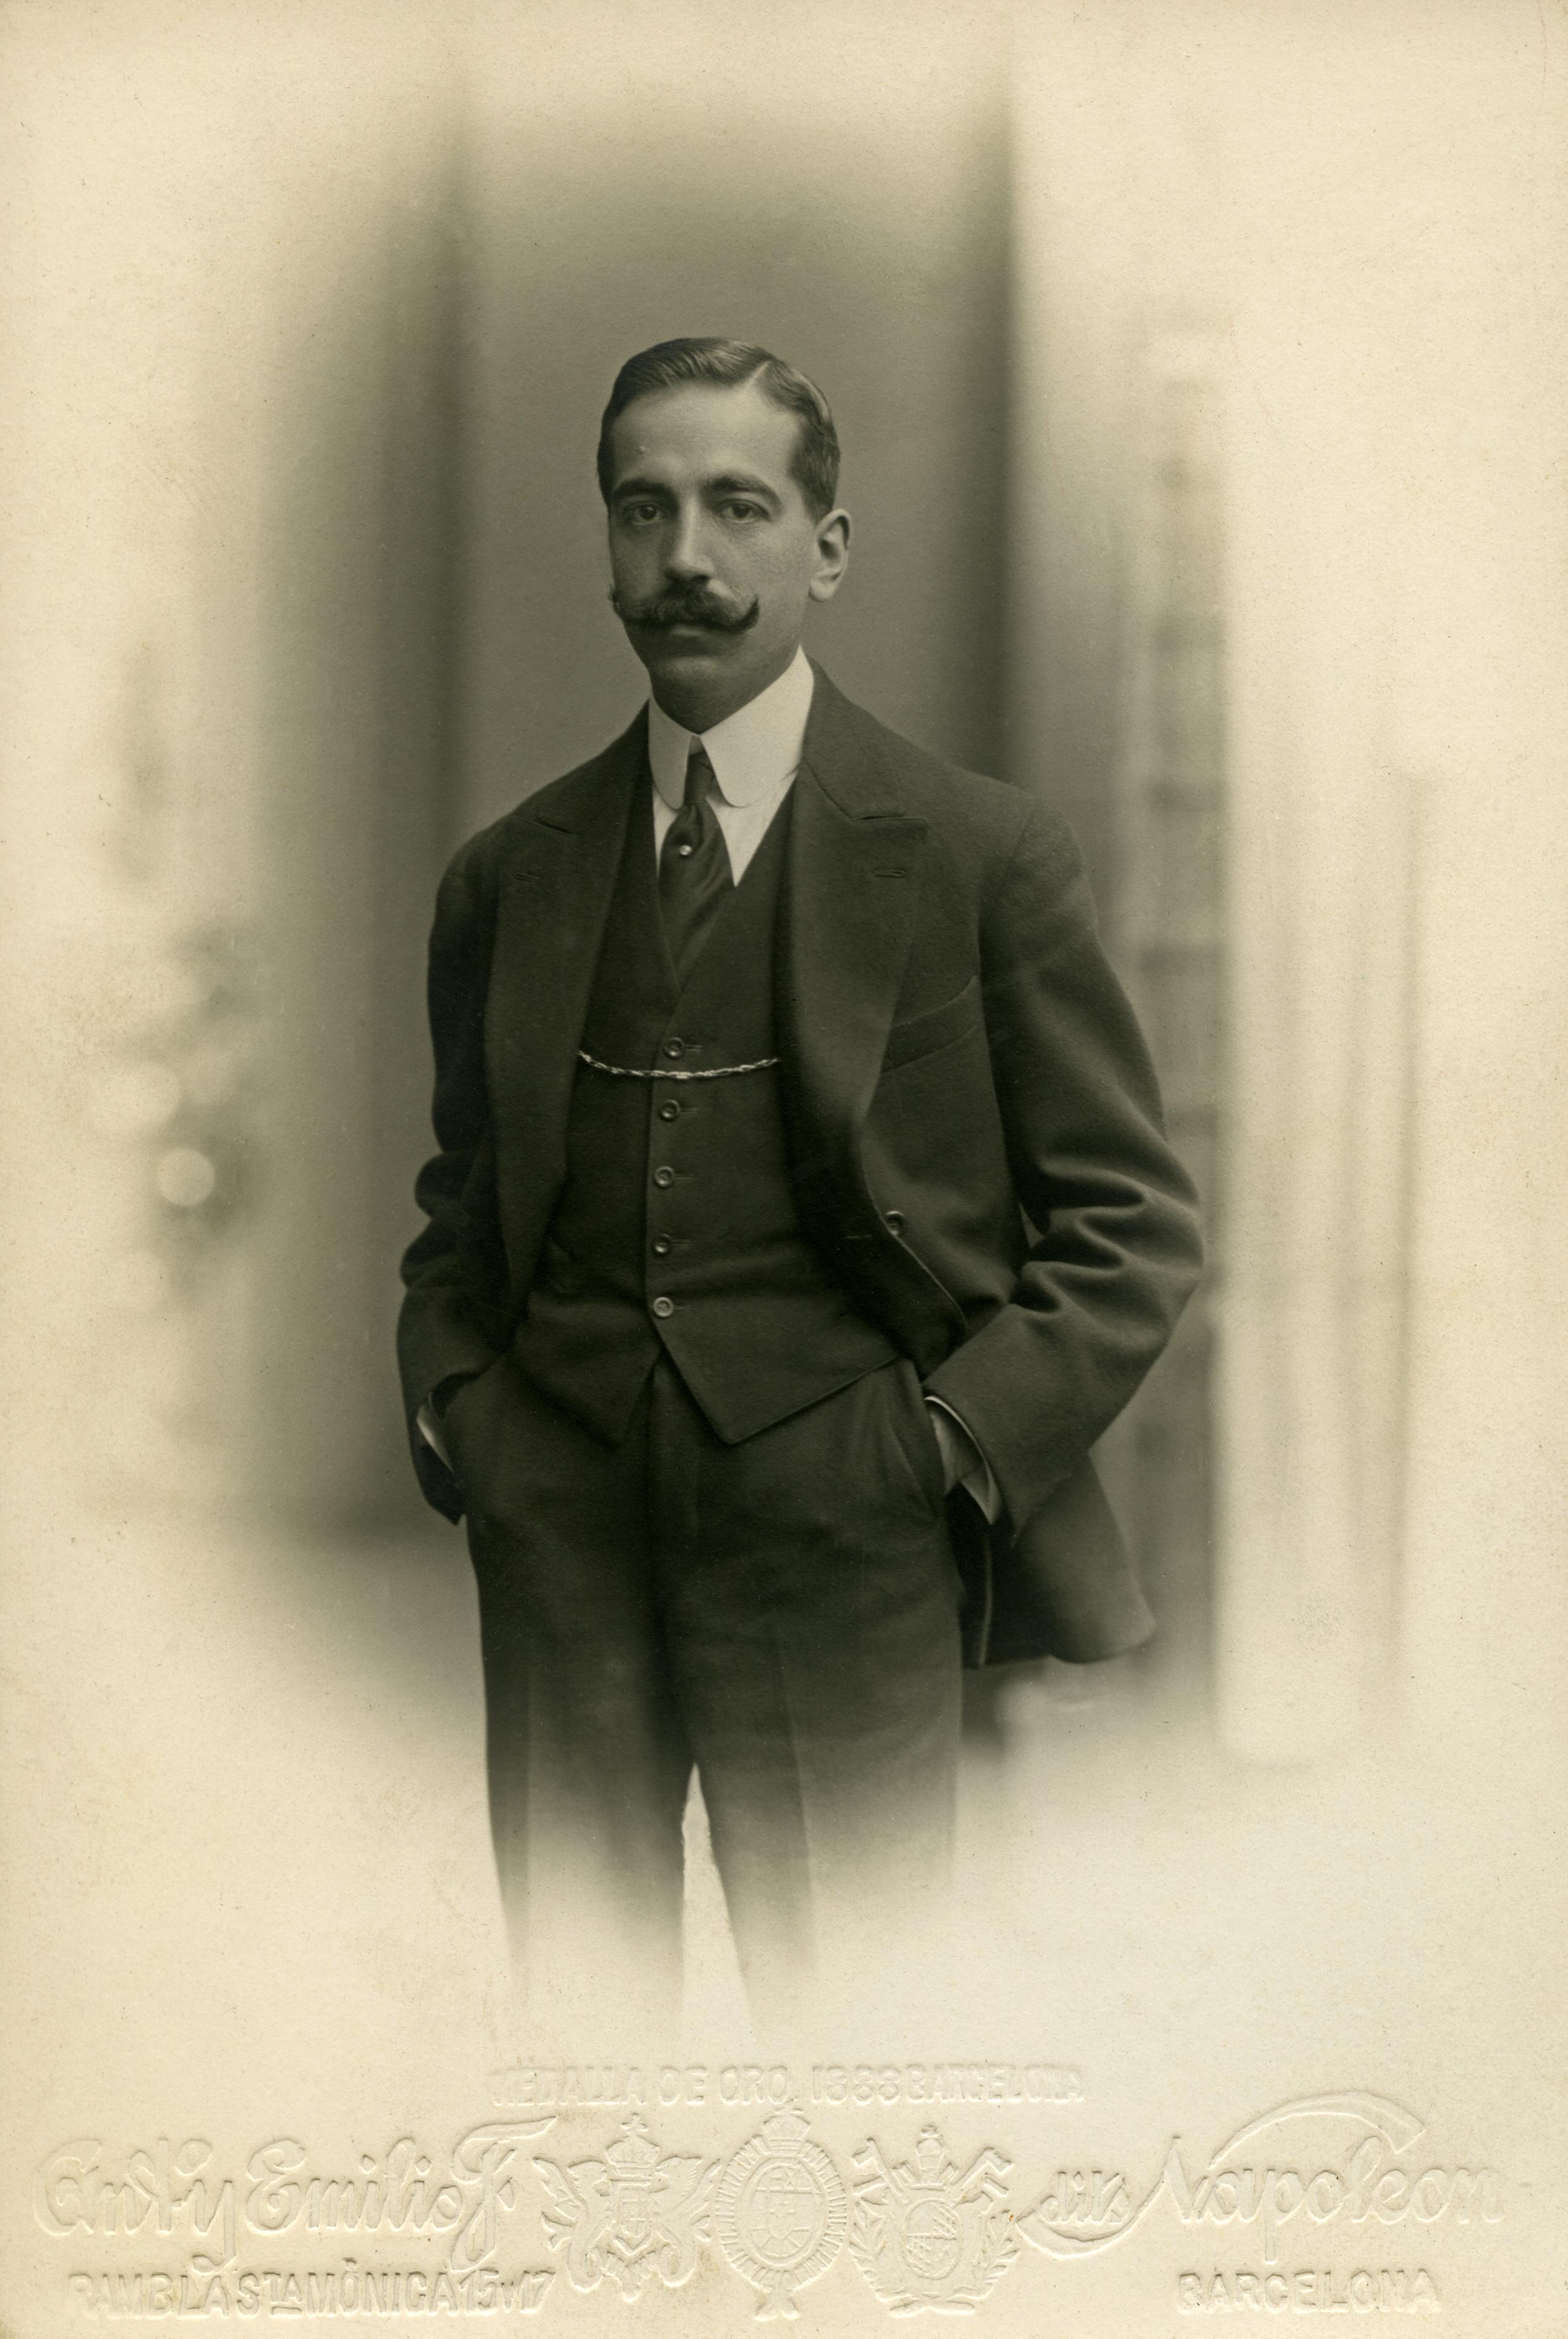 Retrato de Serafín Mainou Sanmiguel hacia 1910